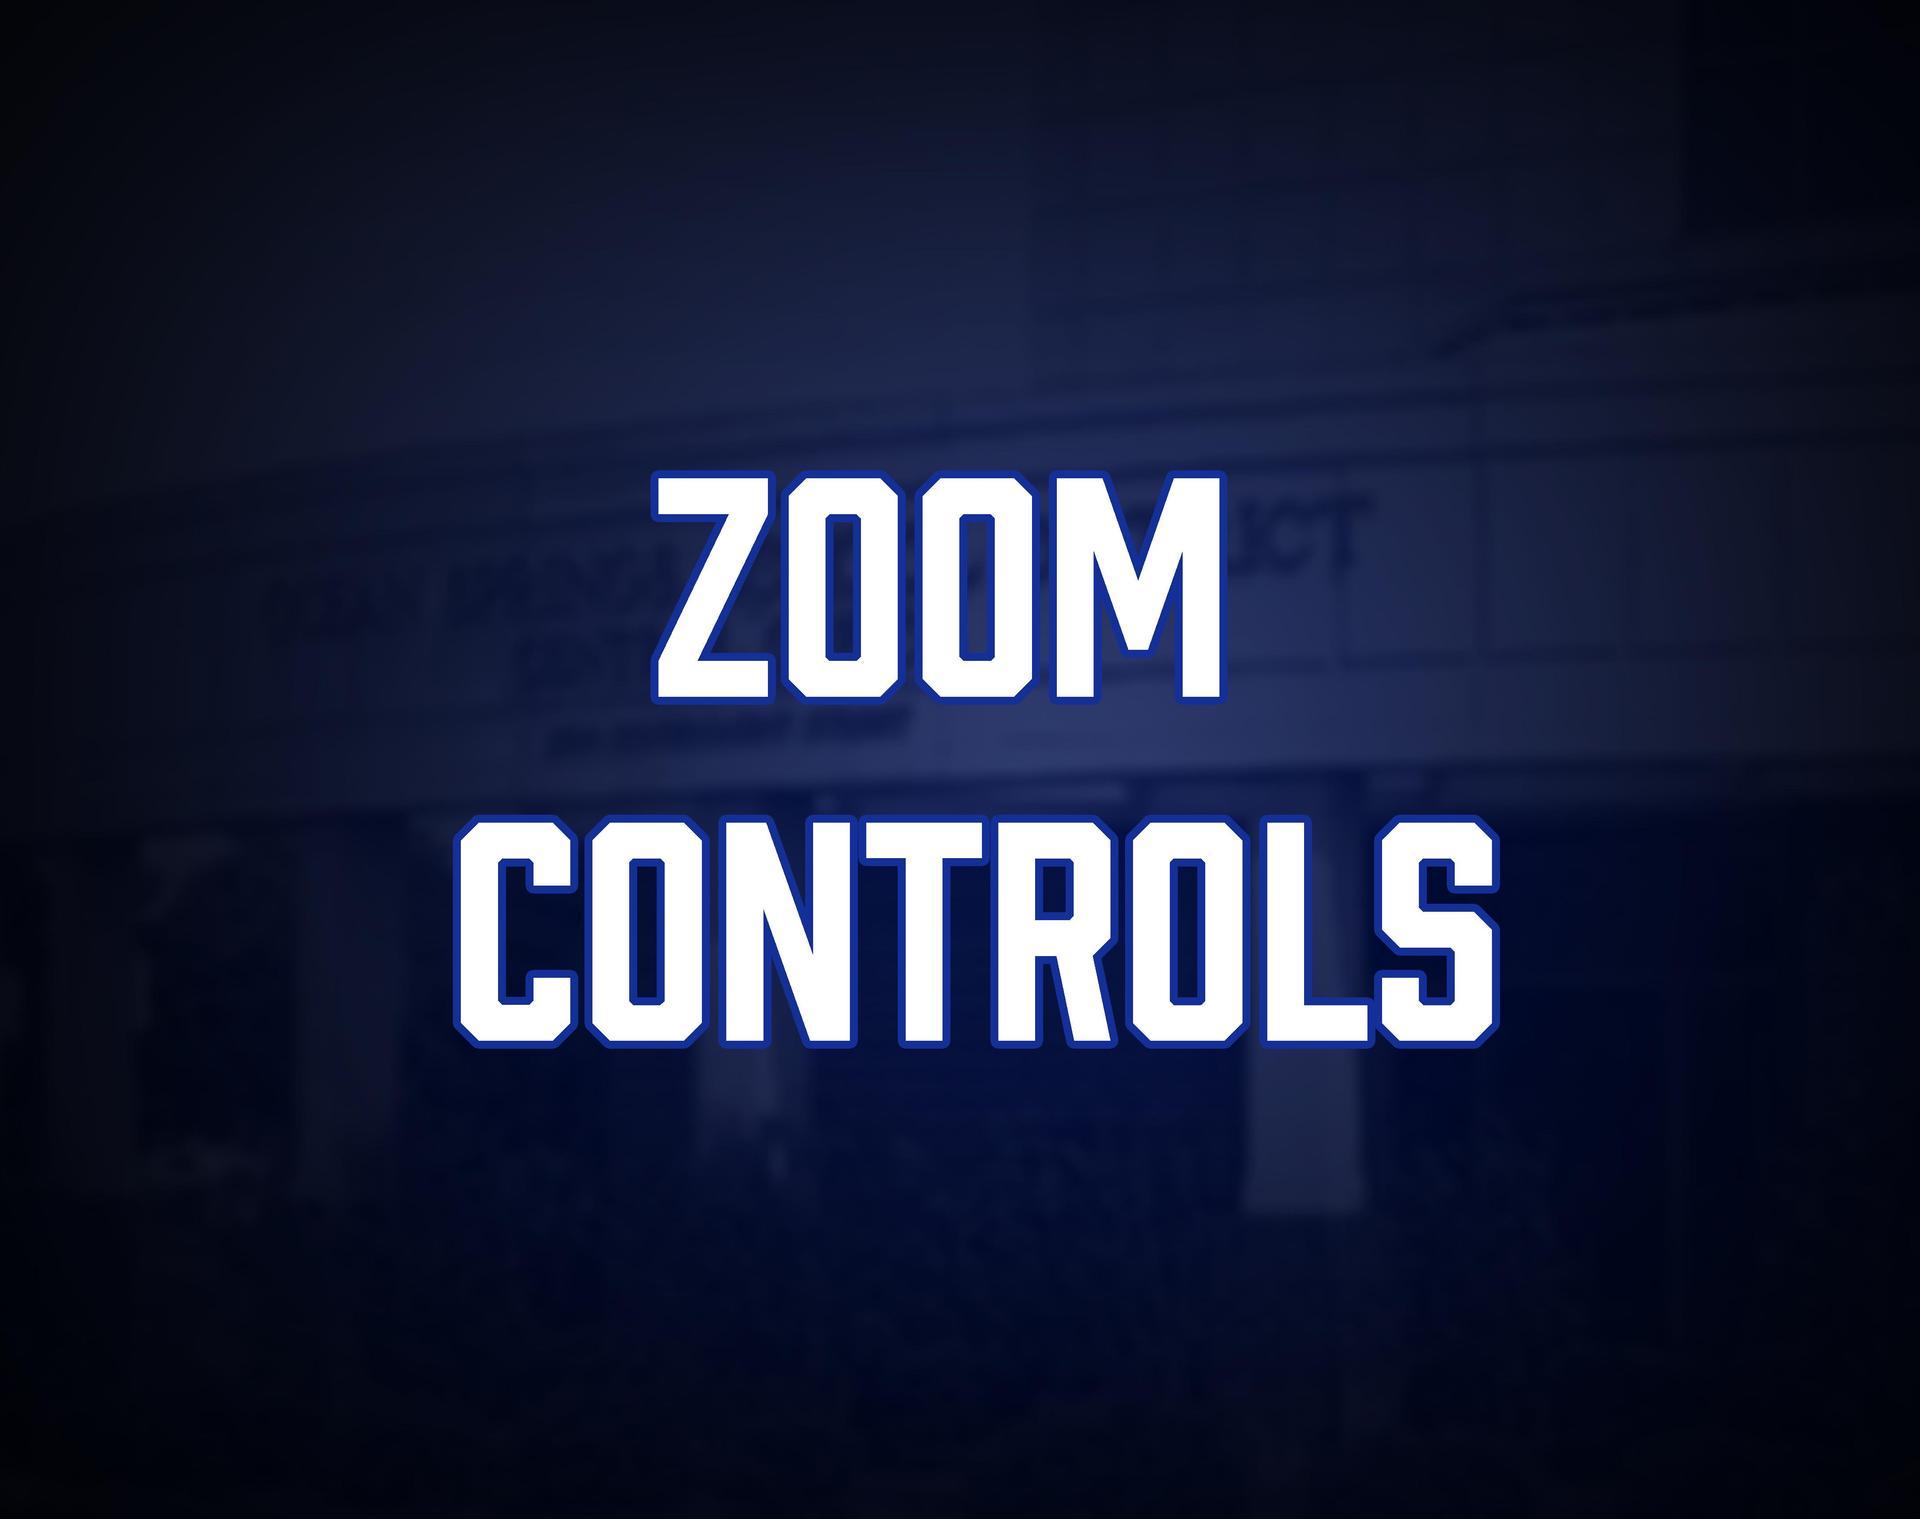 Zoom Controls